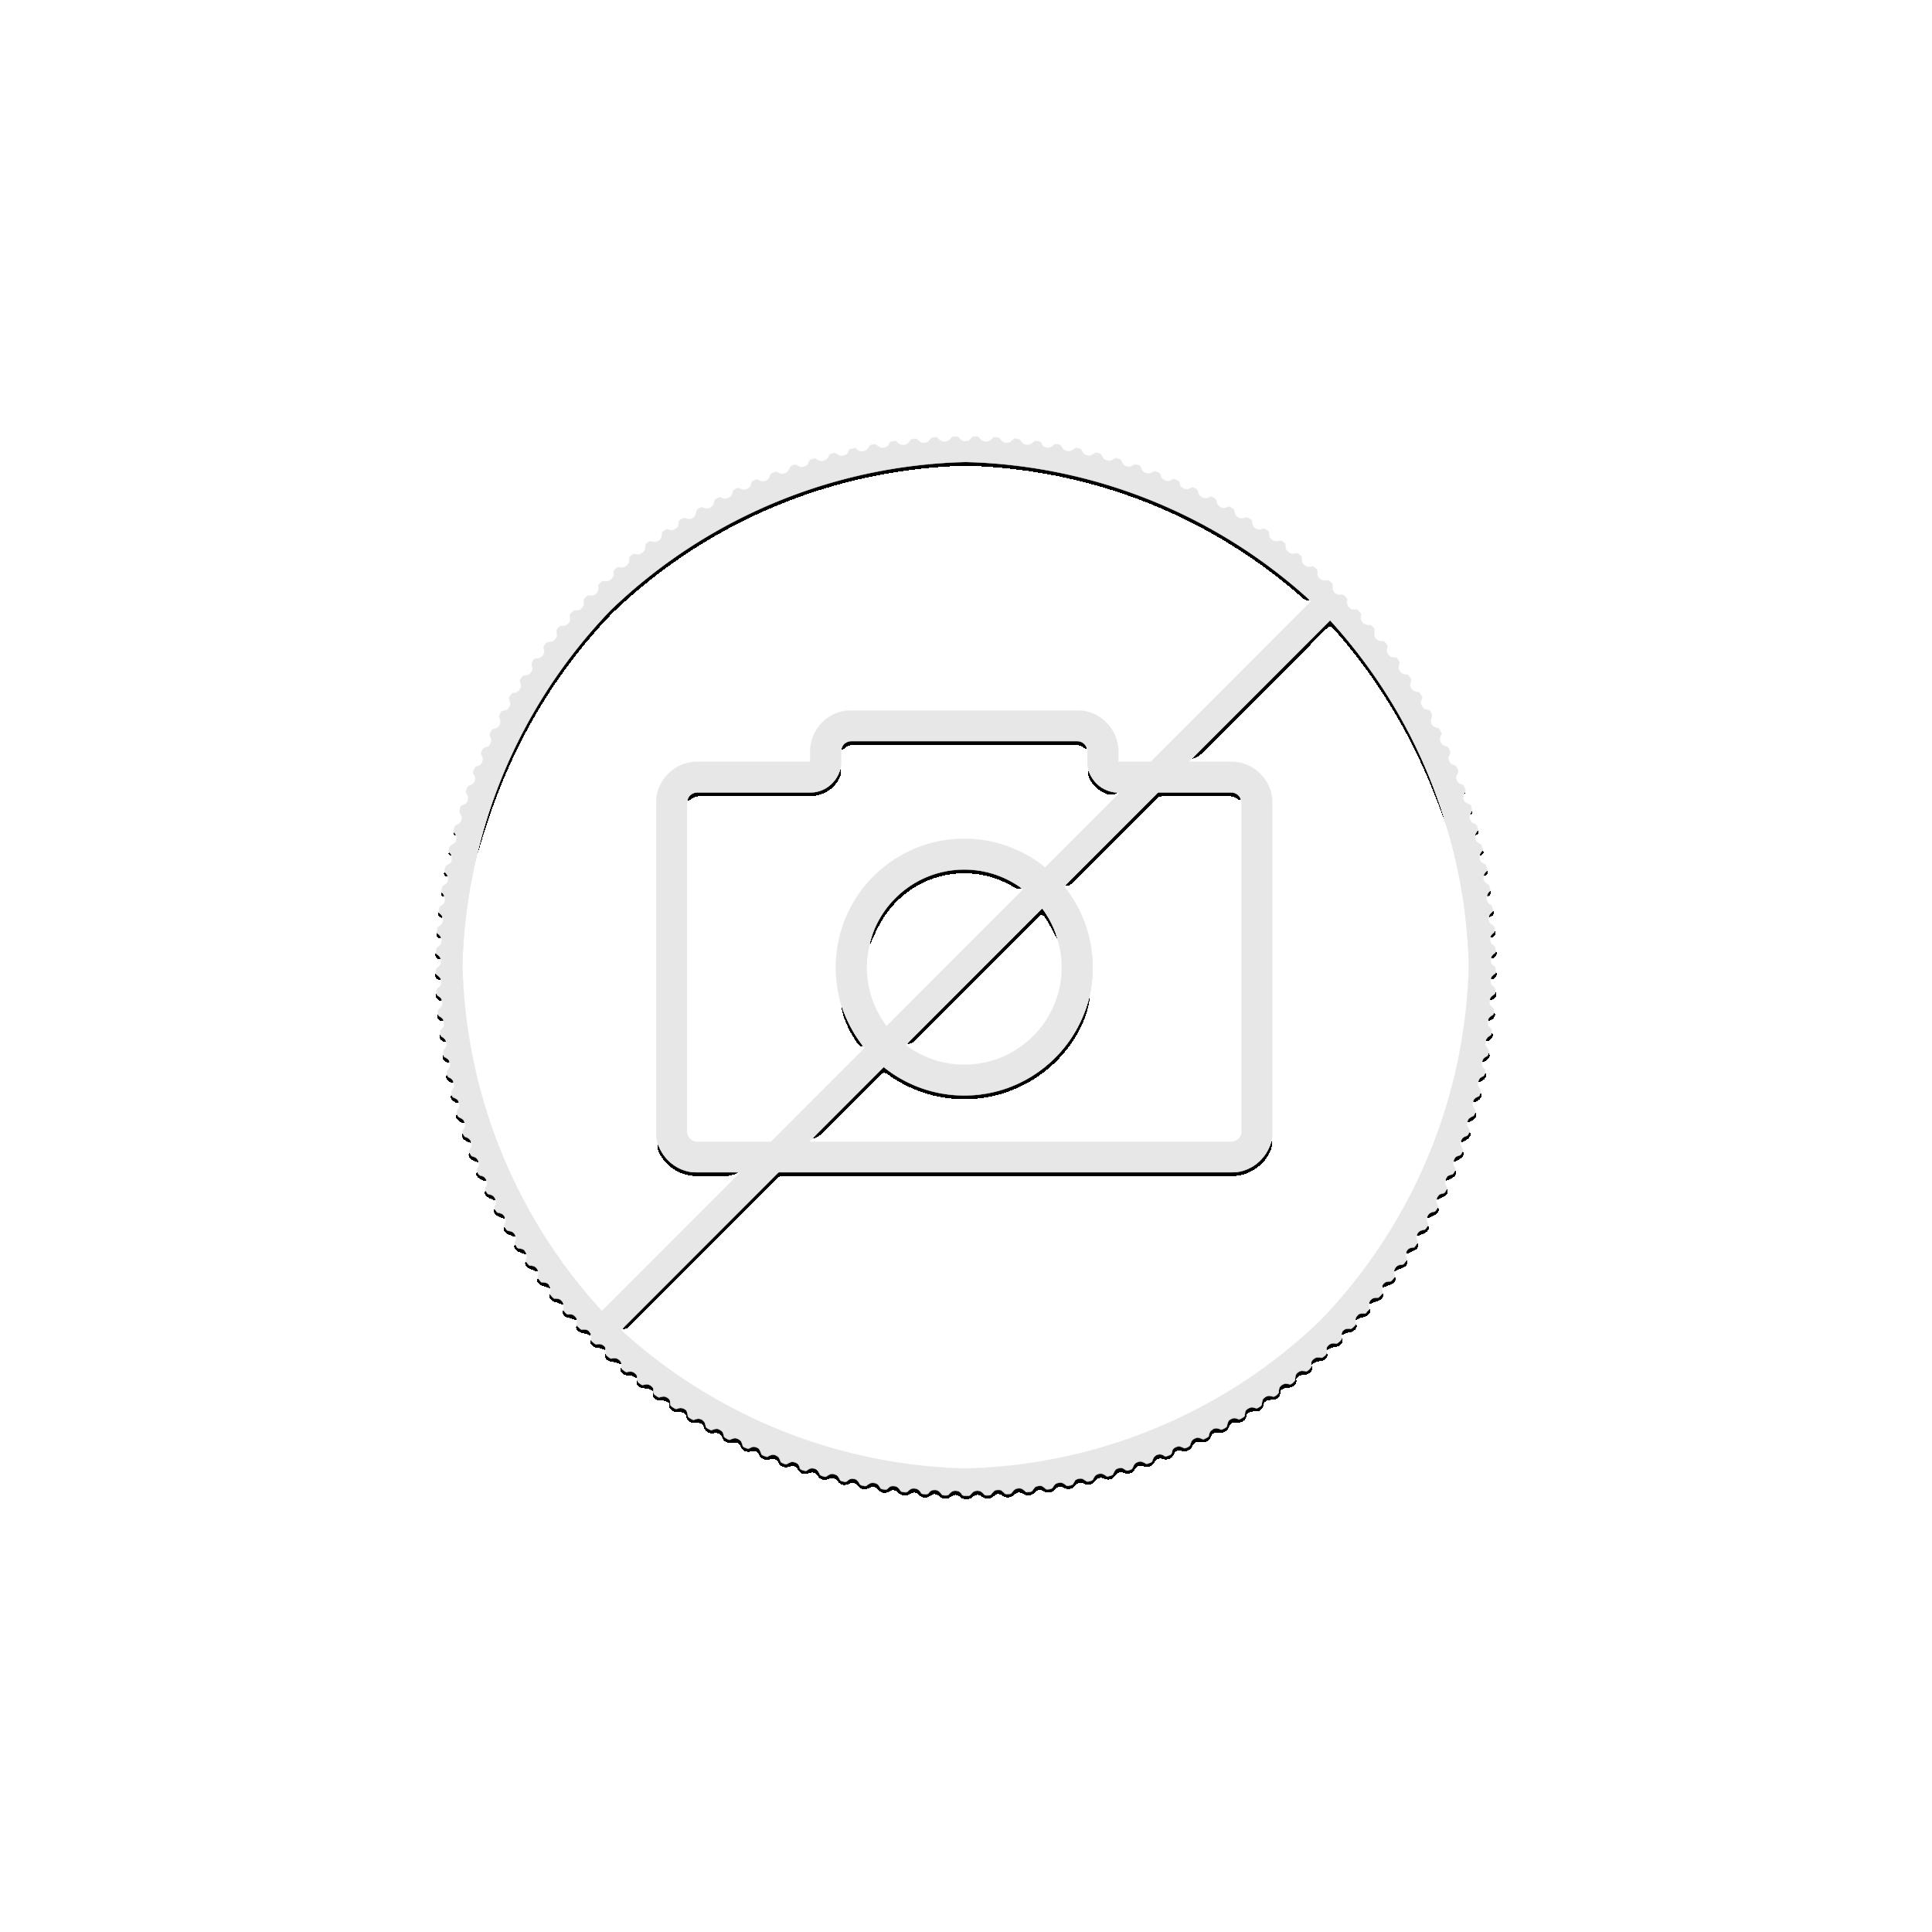 3 troy ounce zilveren munt Beethoven - antieke afwerking 2020